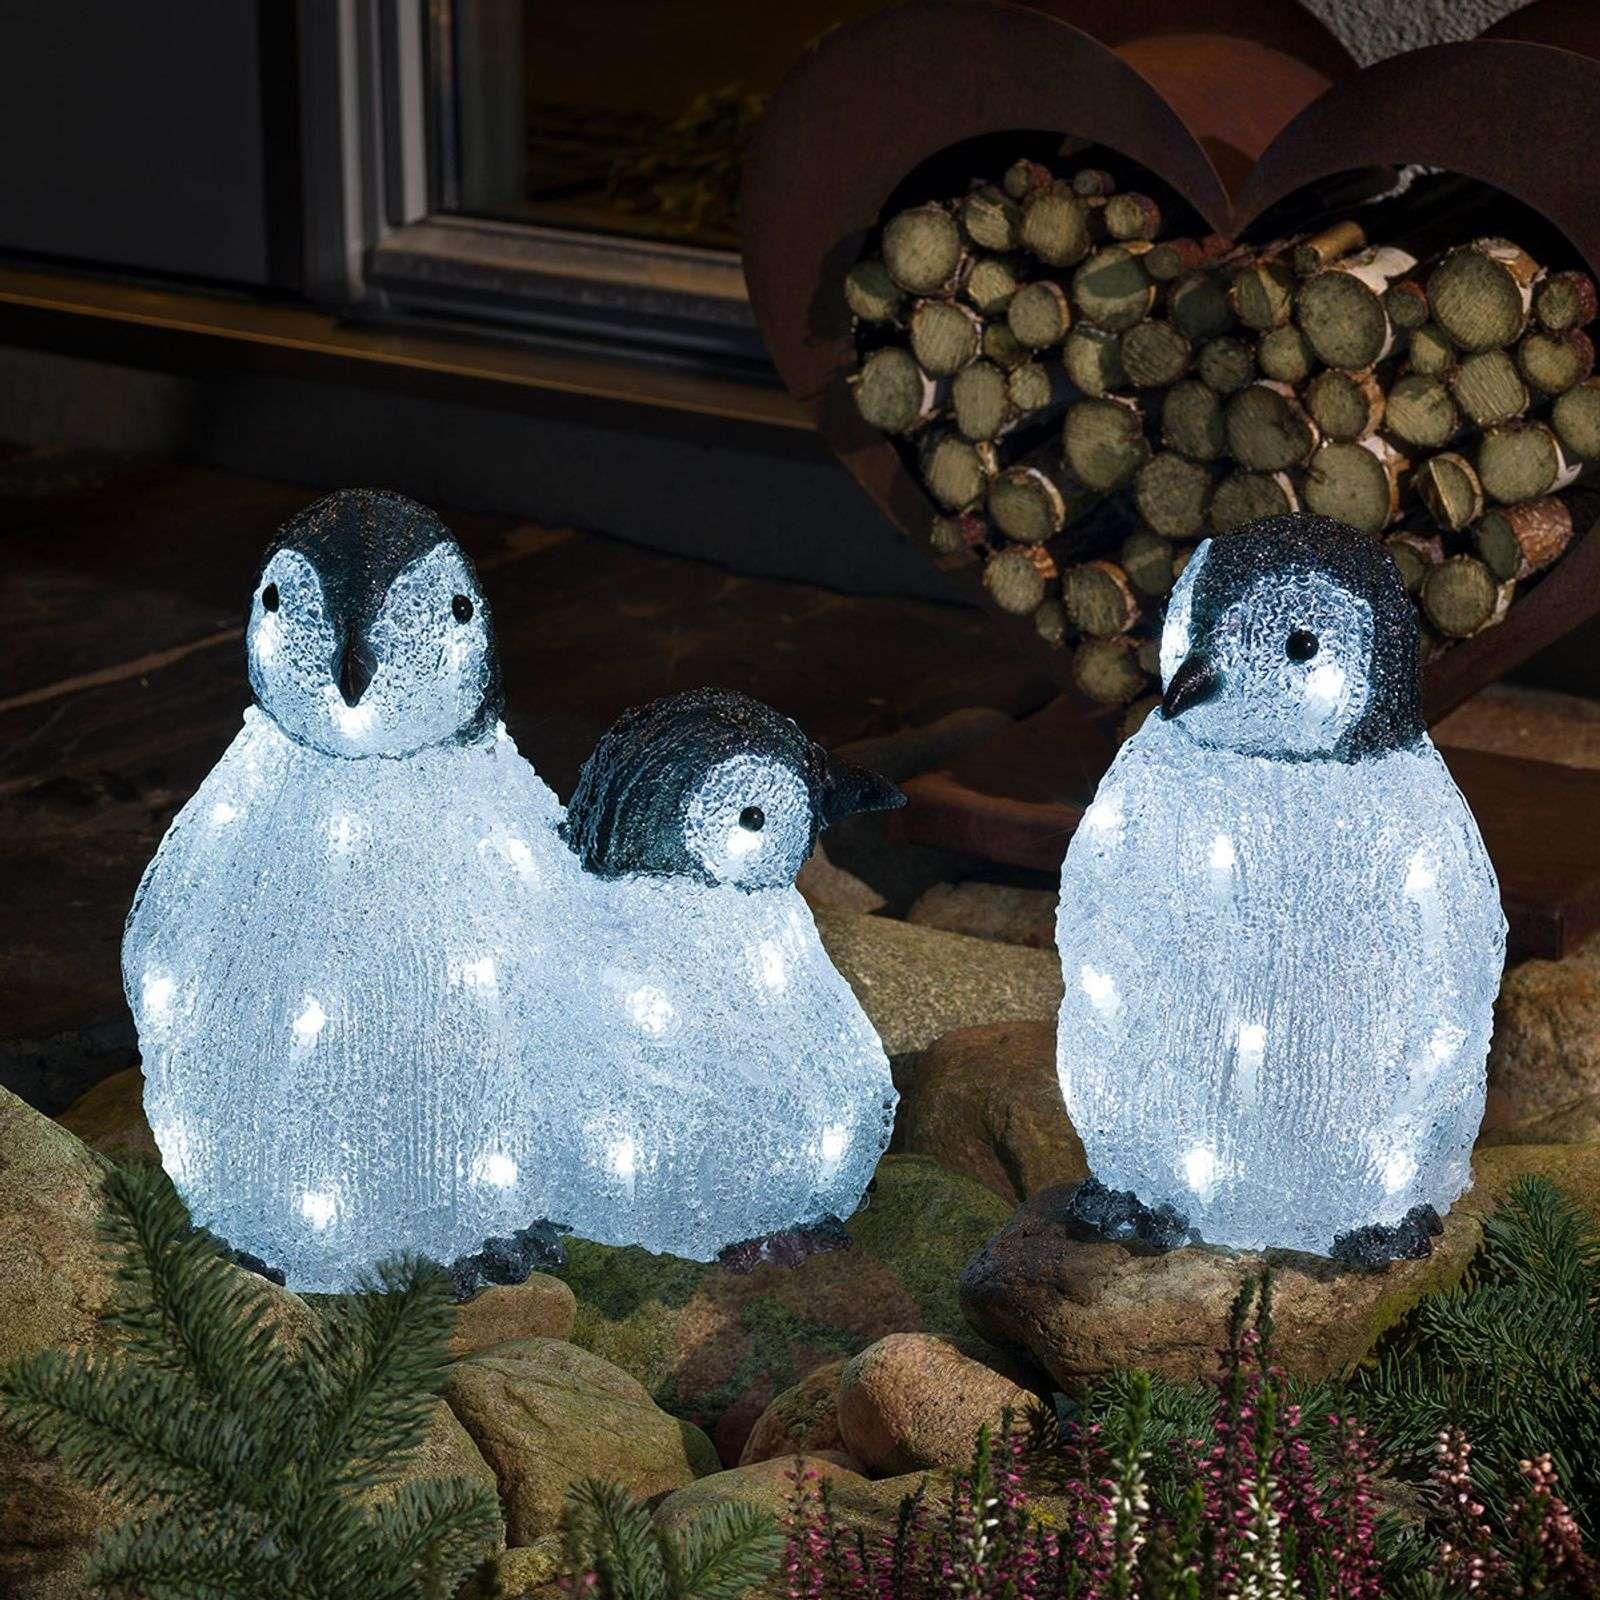 LED-akryyli-figuuri pingviiniperhe 3 kpl:n setti-5524872-01